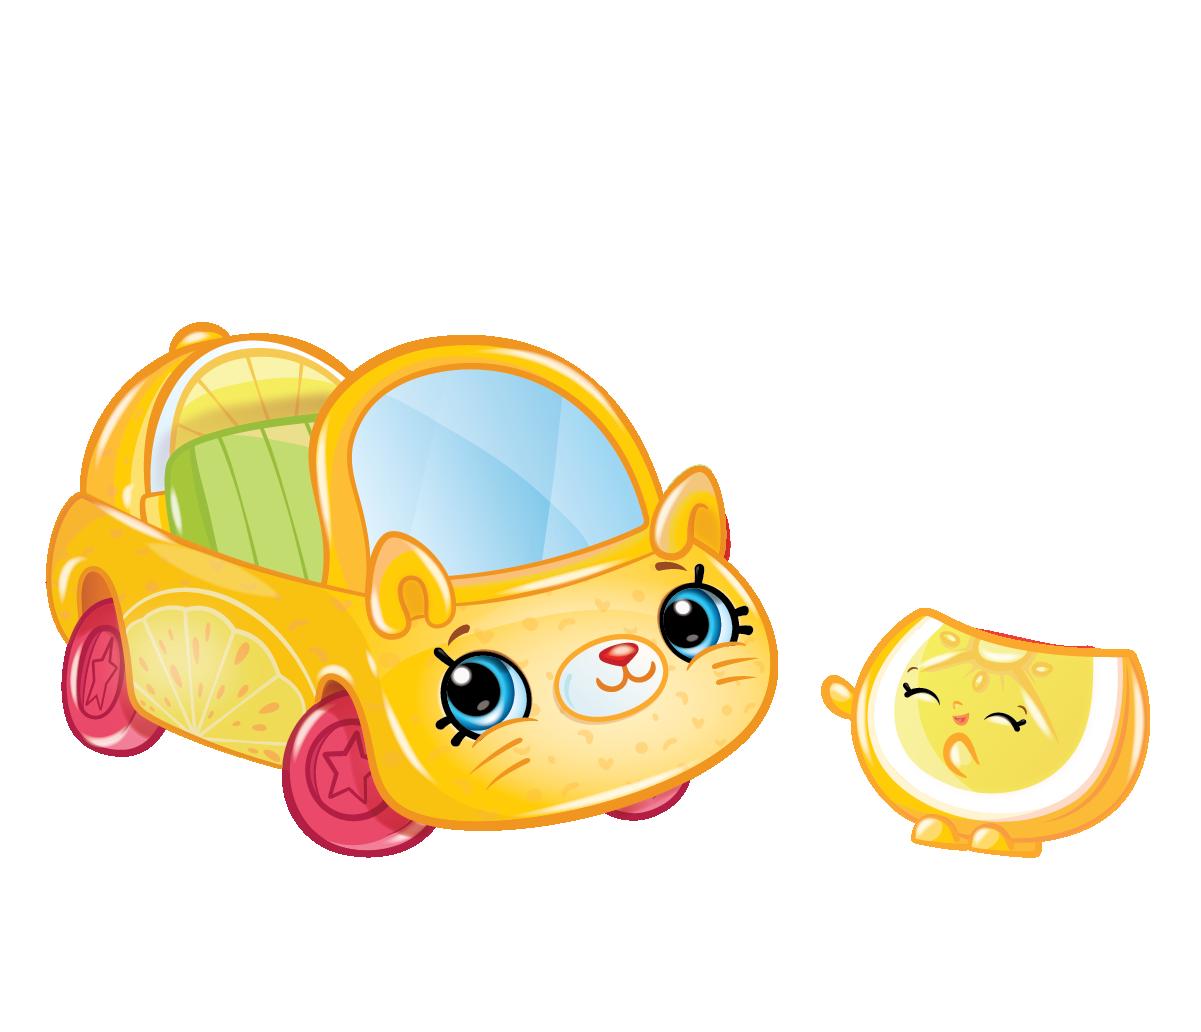 Cutie cars characters lemon. Lemons clipart smile